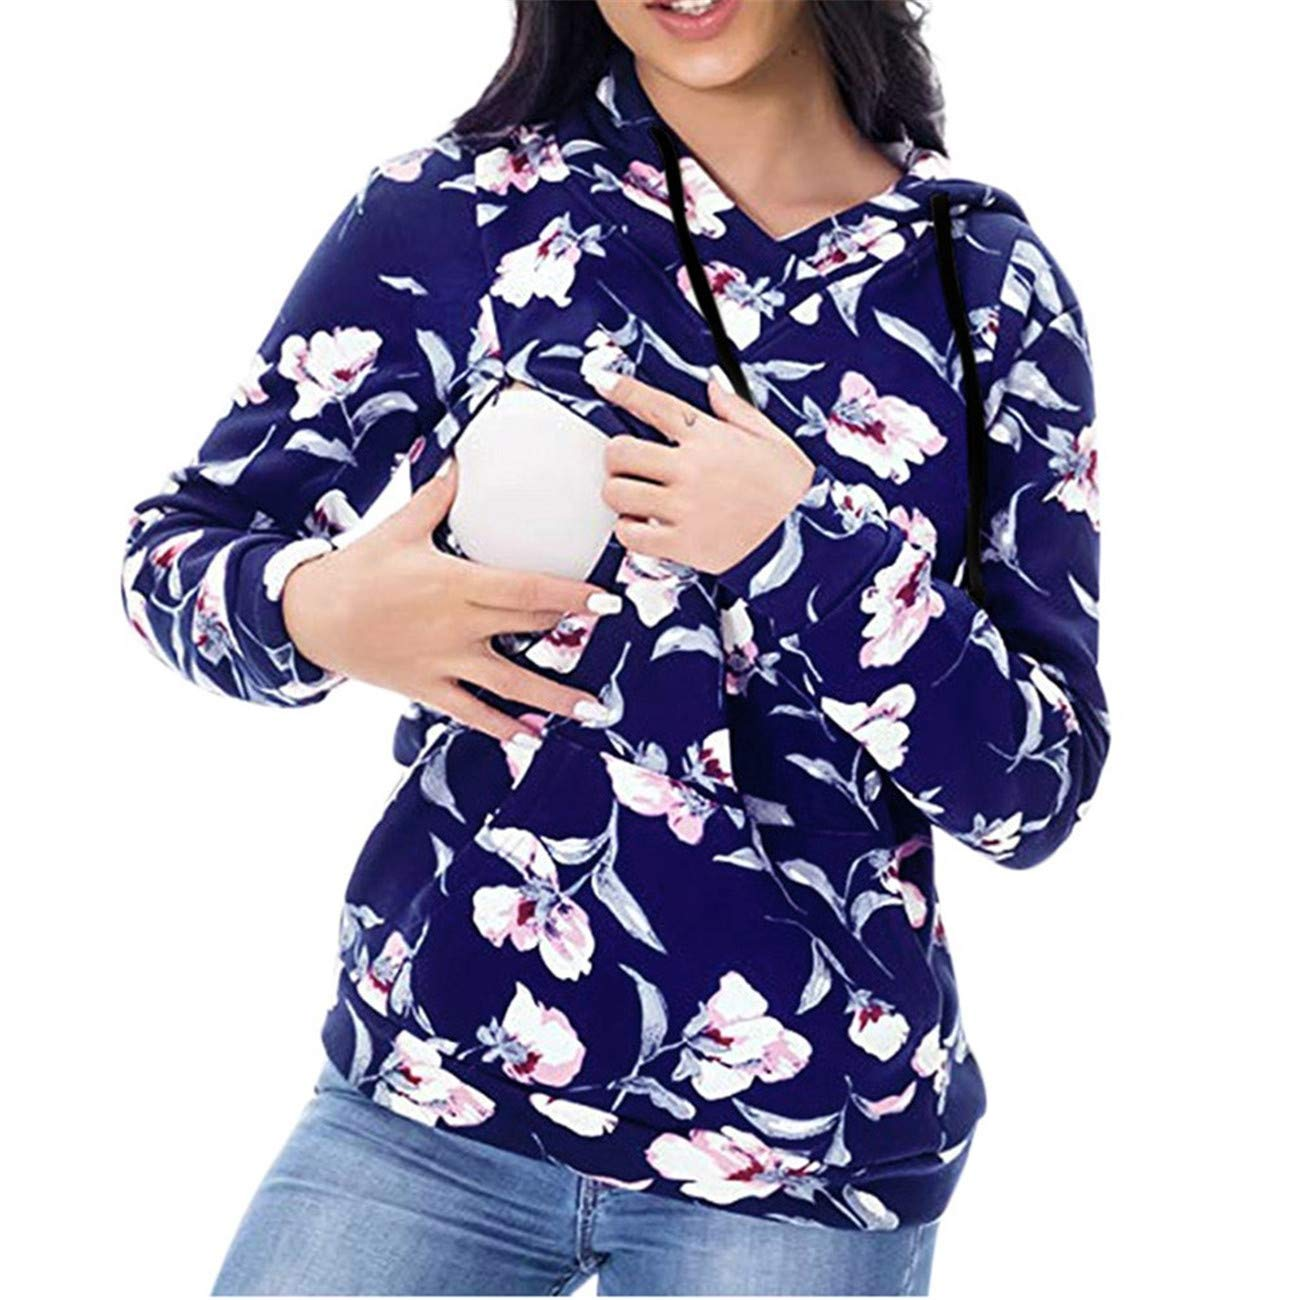 HCFKJ Ropa Premam/á Invierno Talla Grande para Mujer Mangas Largas Tops Blusas Embarazo Camisa Maternidad De Enfermer/íA Mangas Largas Floral Lactancia con Capucha Sudaderas